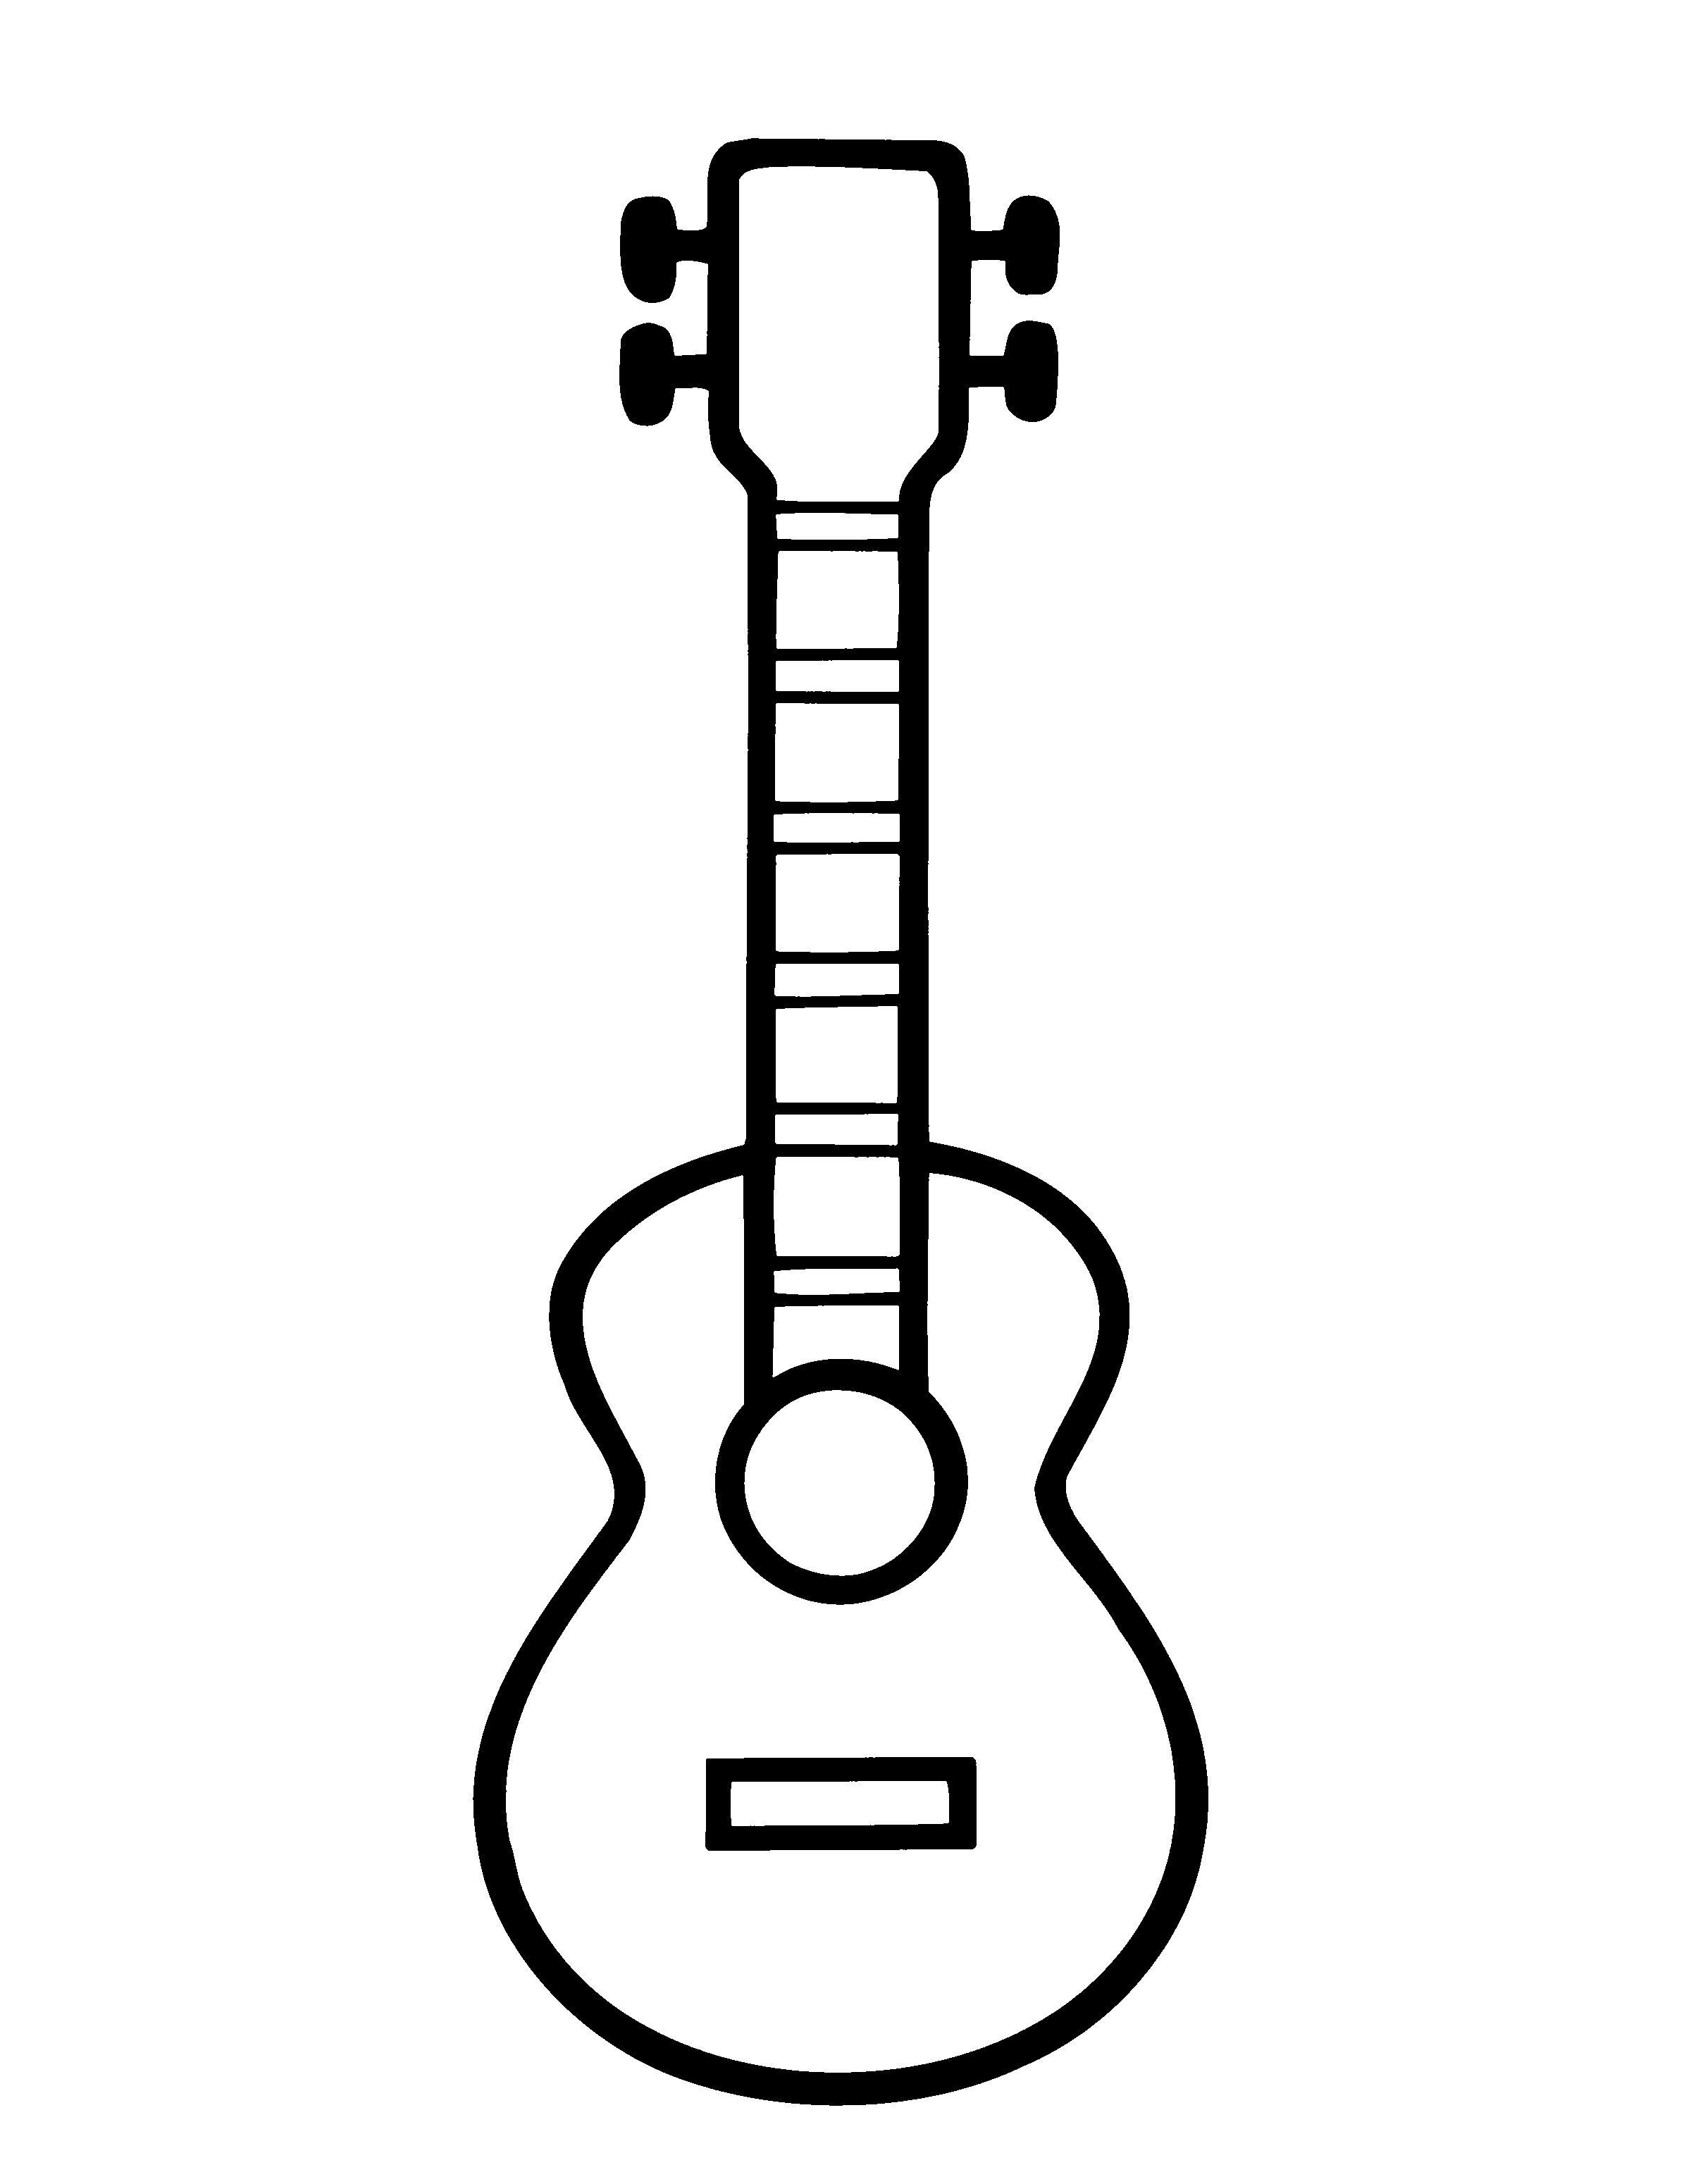 Bumba 2 Dibujos Faciles Para Dibujar Para Ninos Colorear Dibujos De Instrumentos Musicales Dibujos De Guitarras Instrumentos Musicales Para Ninos